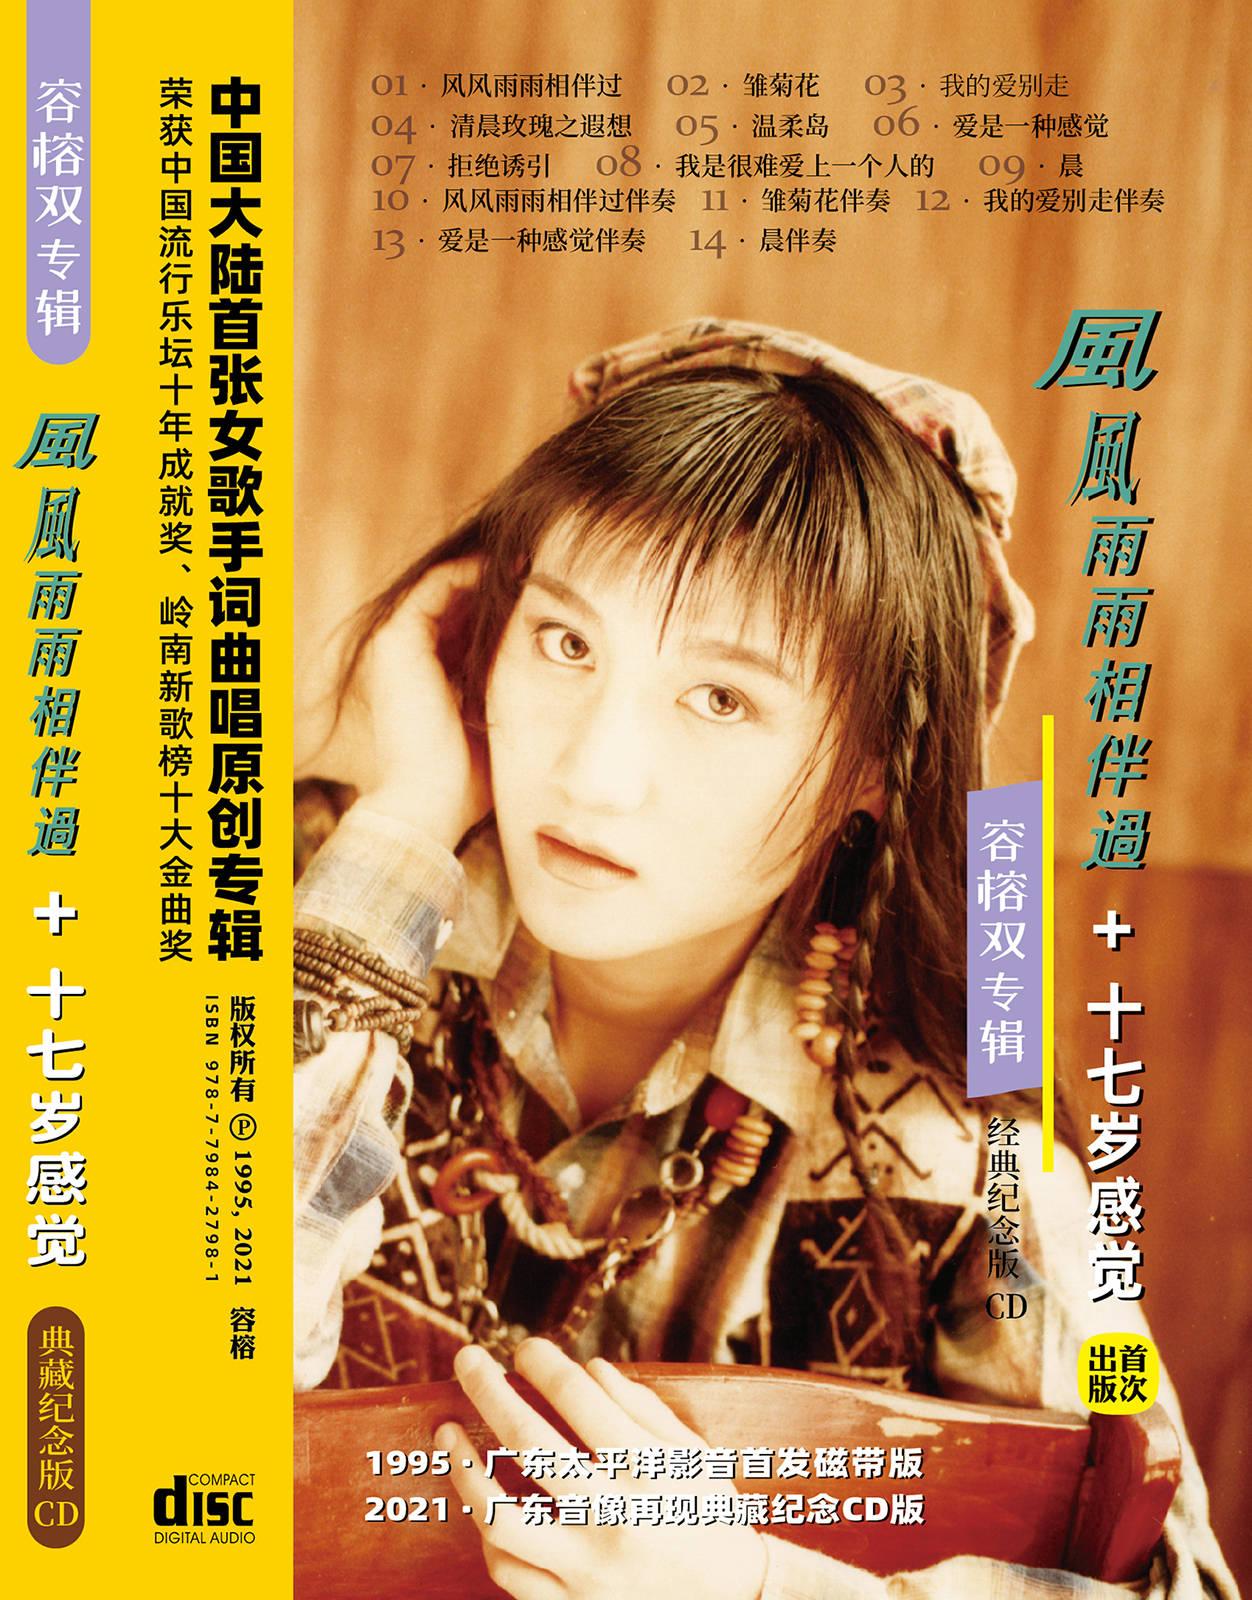 音乐人容榕典藏纪念版《风风雨雨相伴过+十七岁感觉》双CD出版